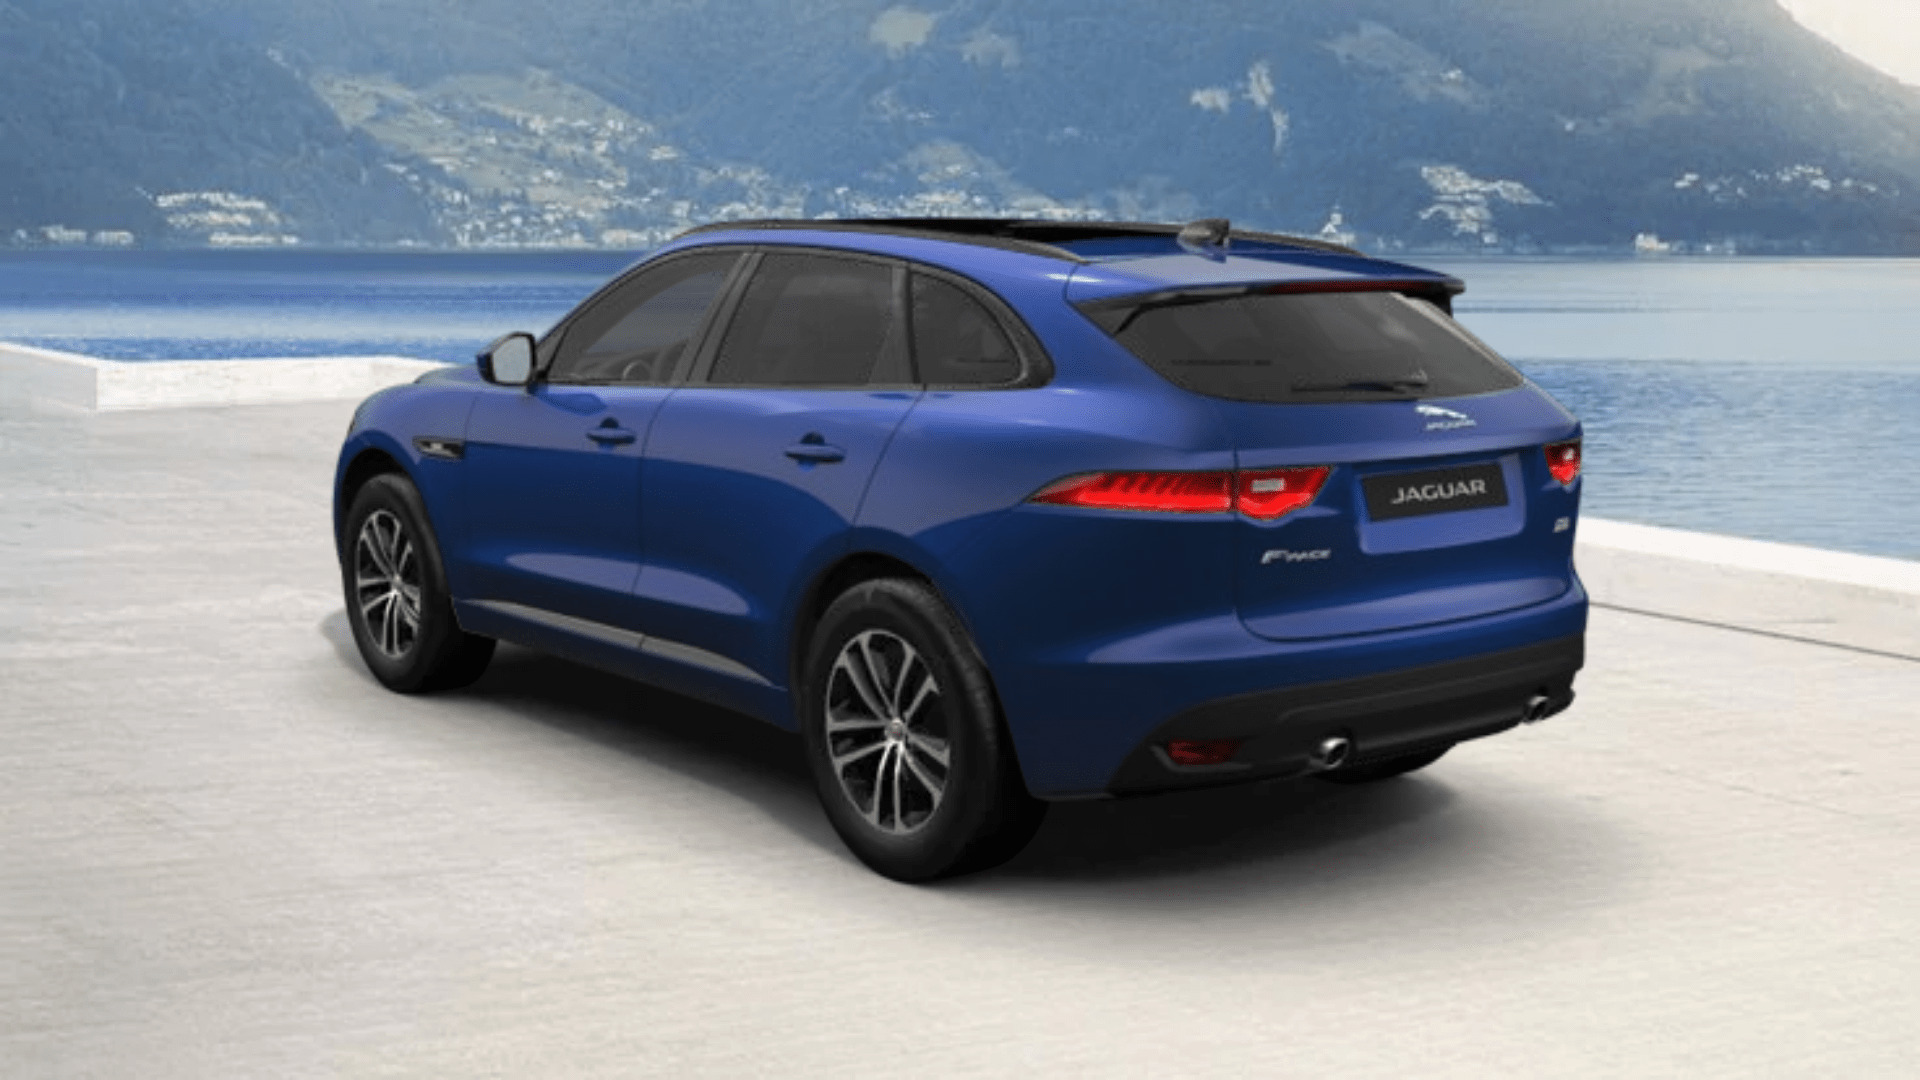 broker-samochodowy-jaguar-f-pace-select-automotive-tyl-2-min